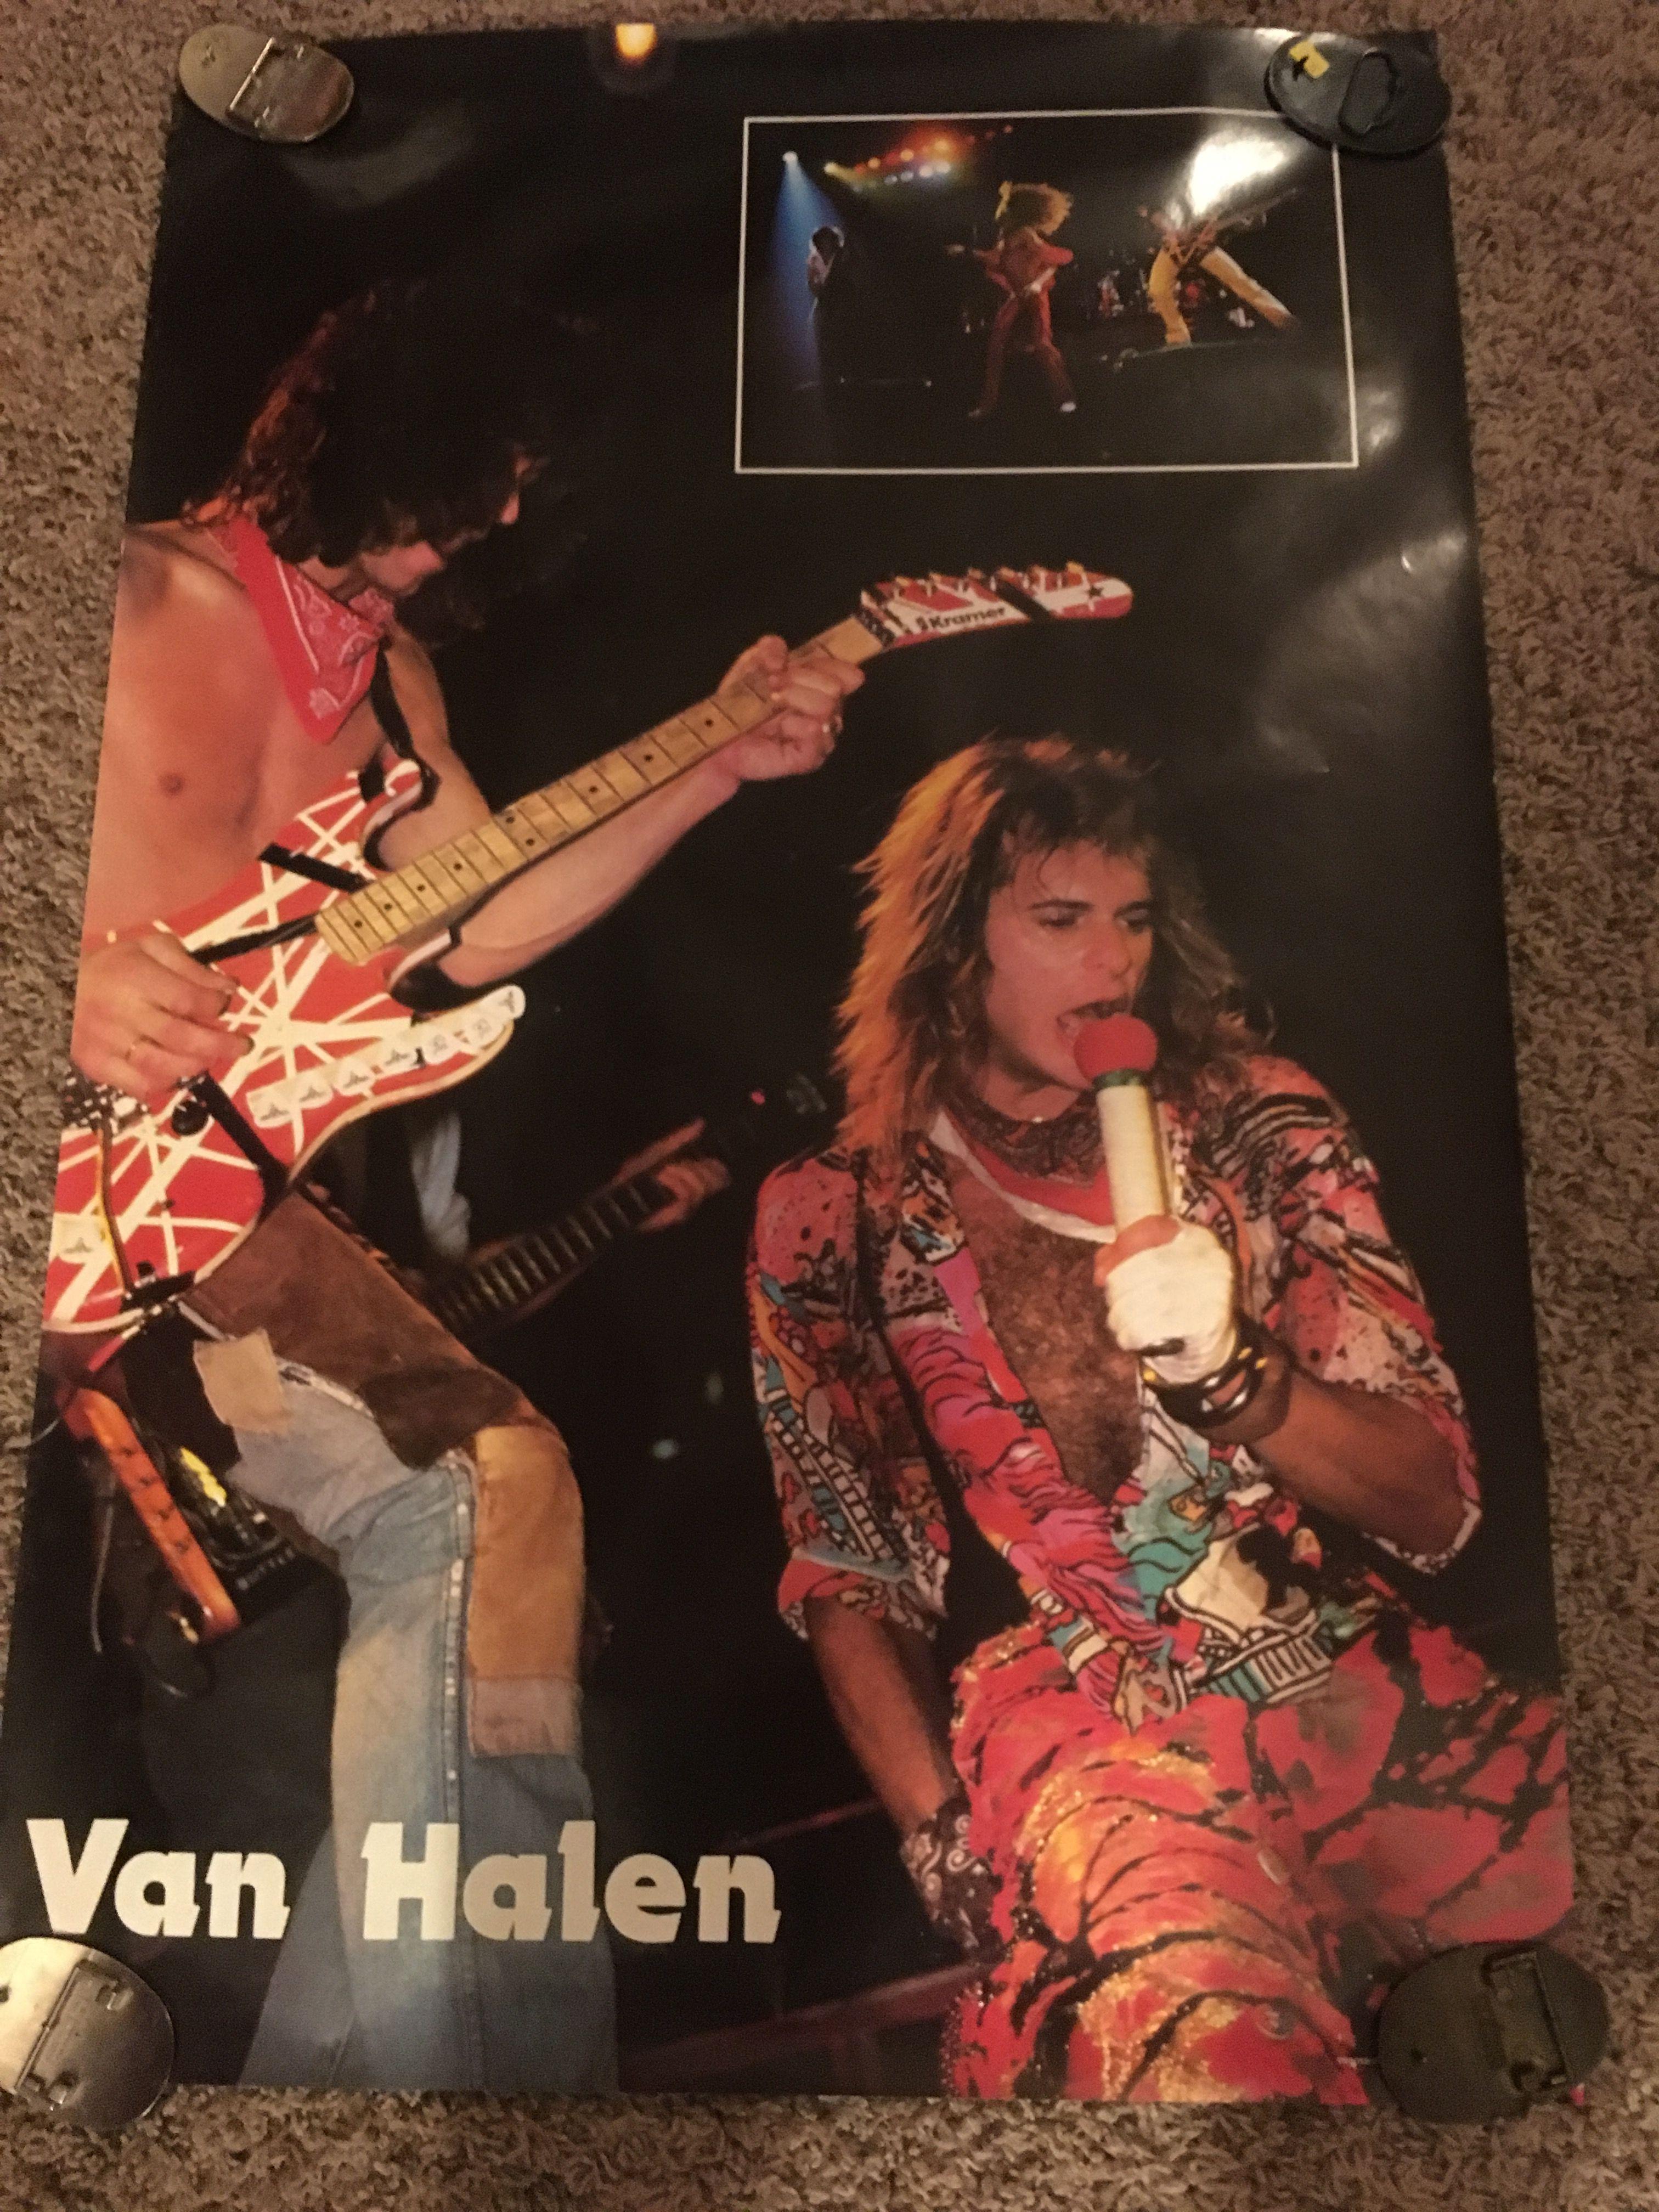 Vintage Van Halen Poster 1984 From Scotland Eddie Van Halen Van Halen David Lee Roth